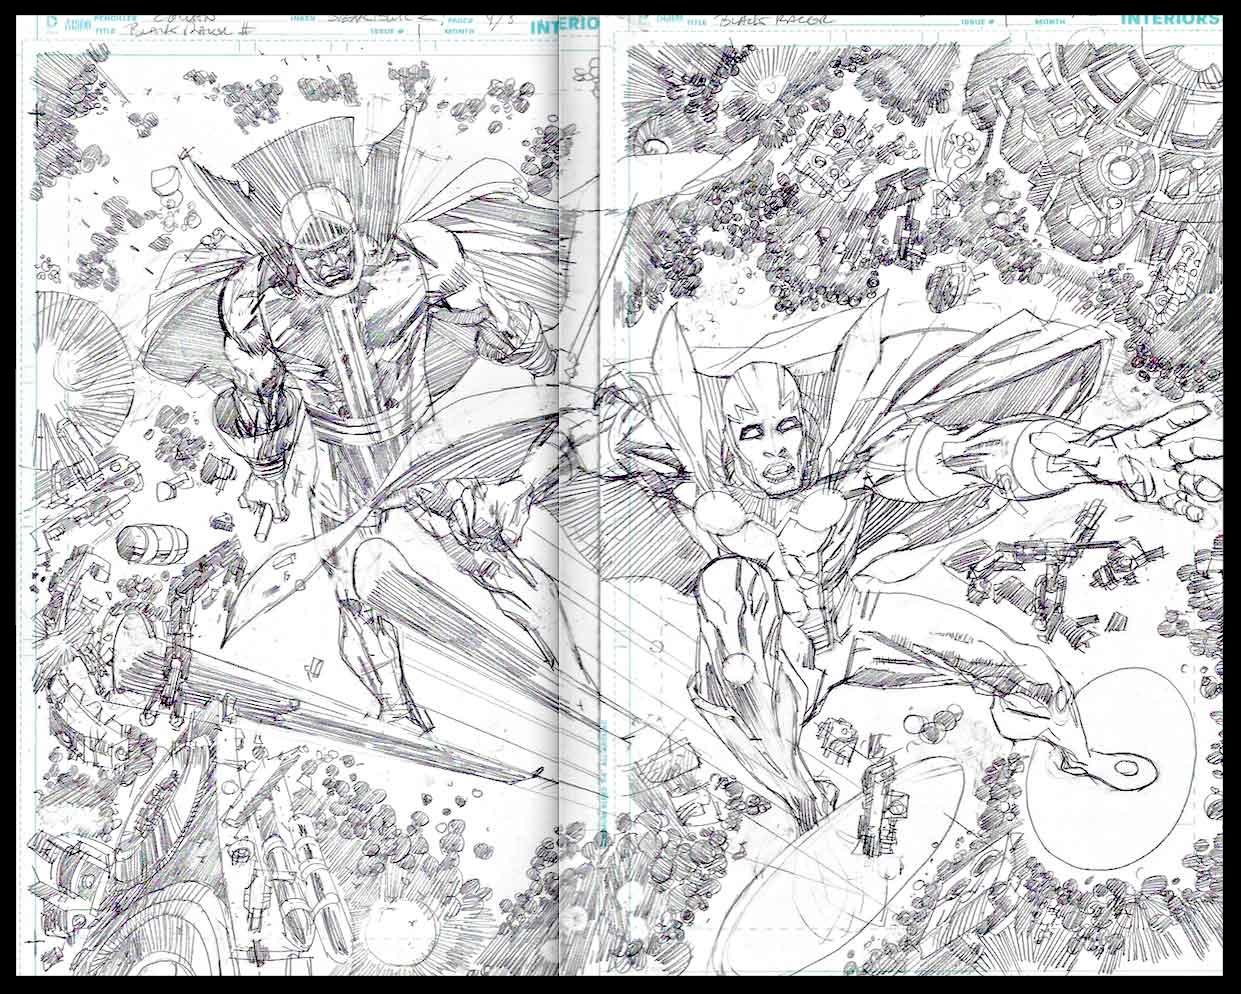 Black Racer #1 - Pages 4-5 - Pencils